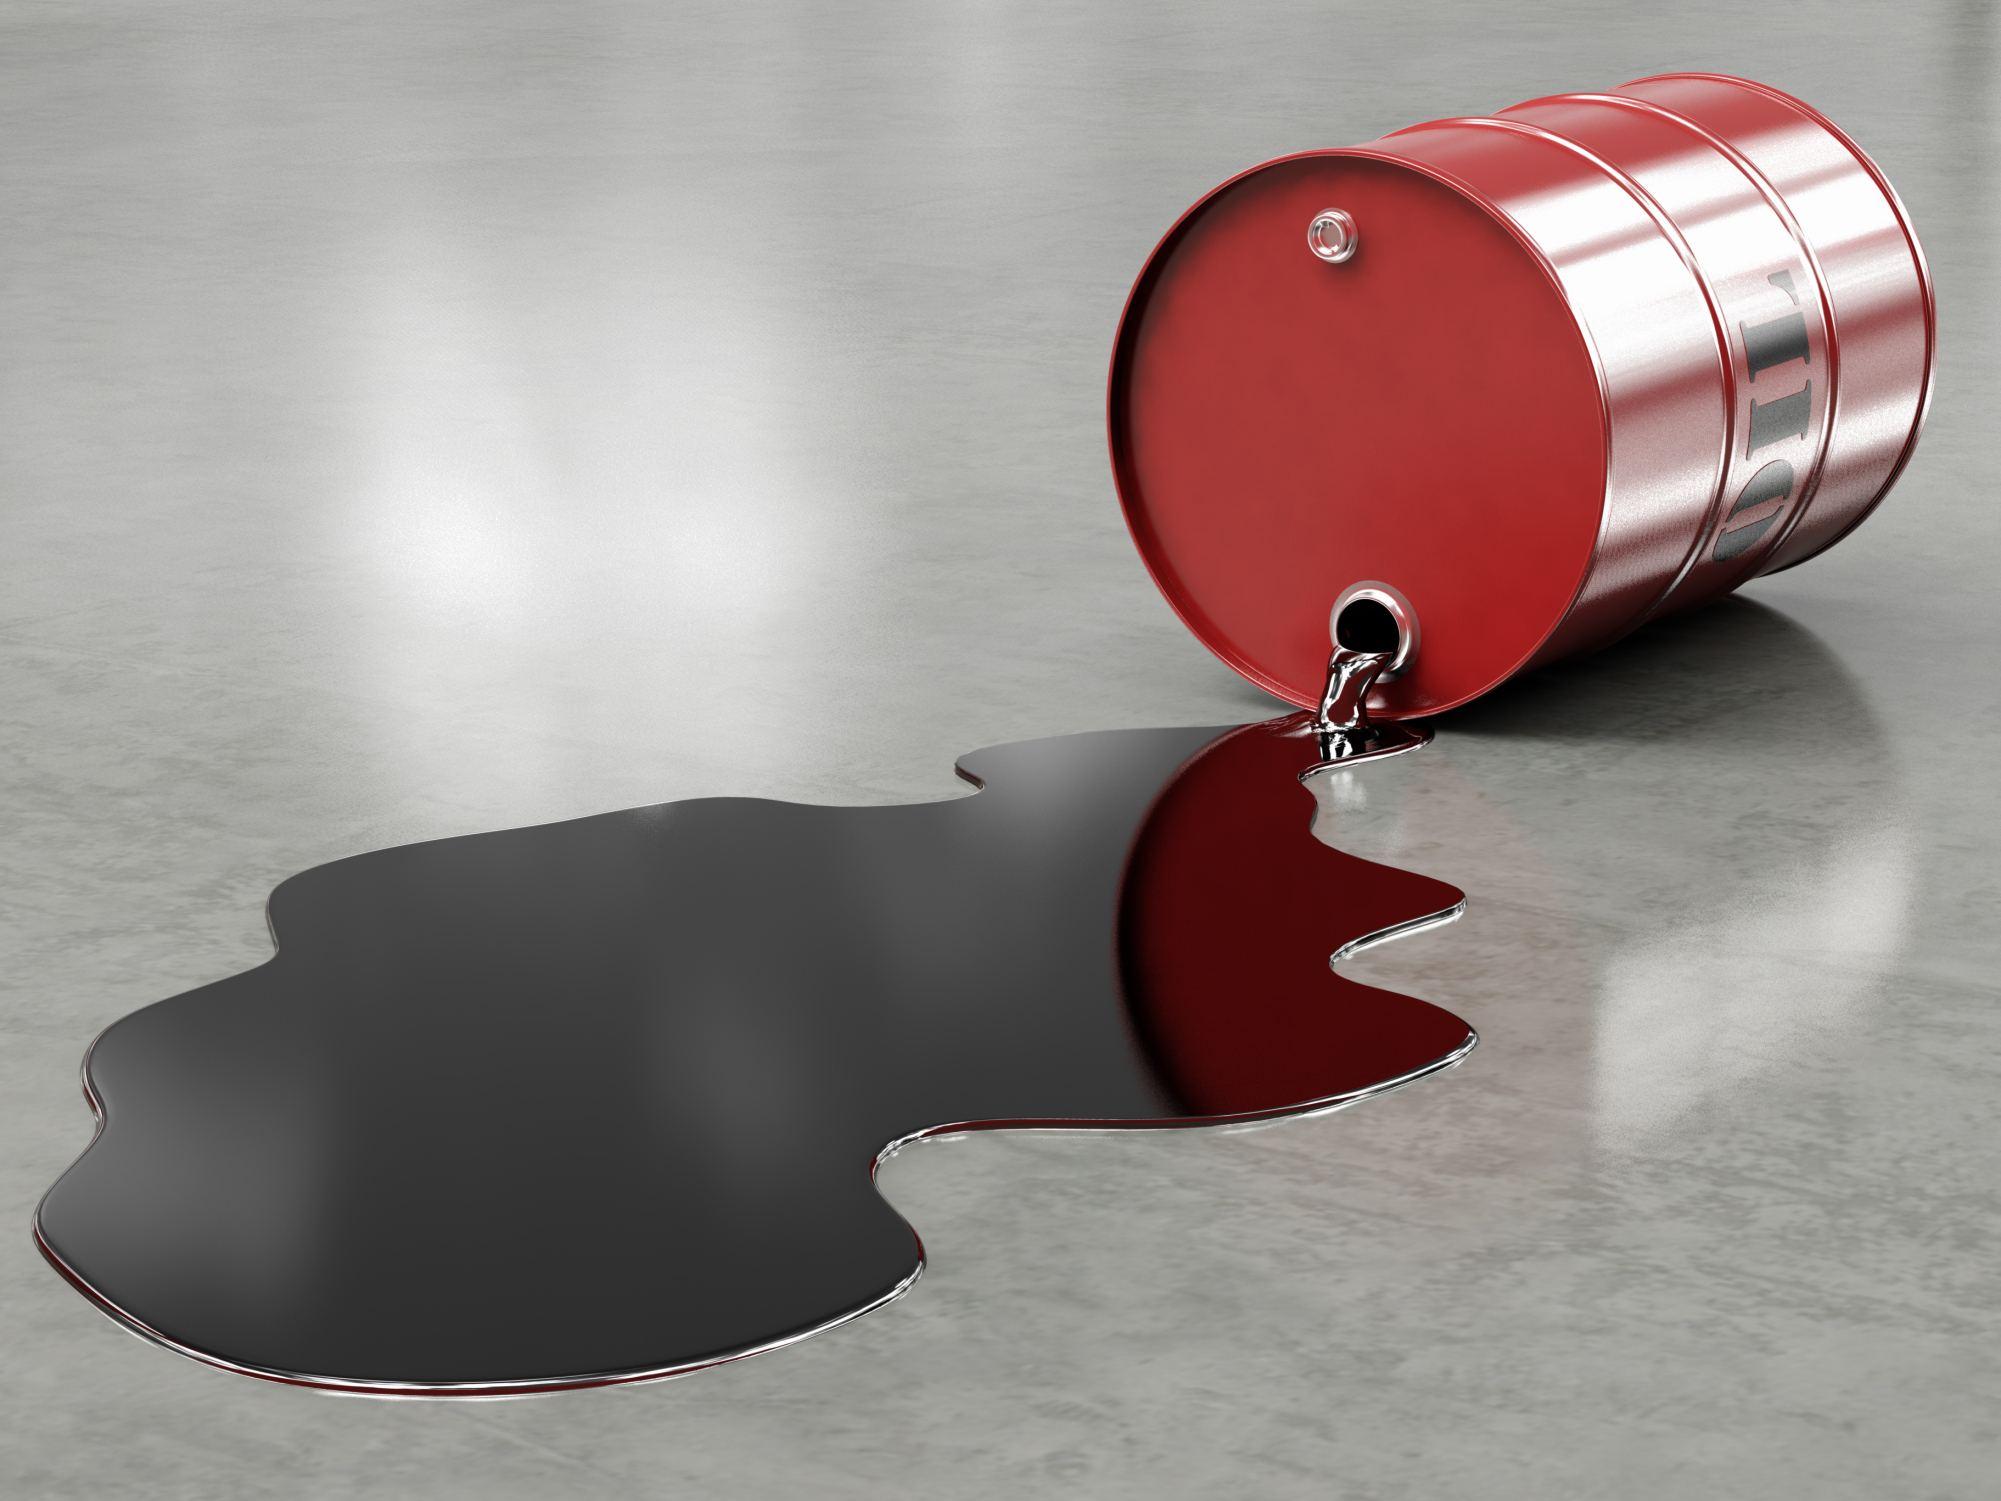 伊朗严词抨击美国 本月OPEC会议陷入紧张气氛